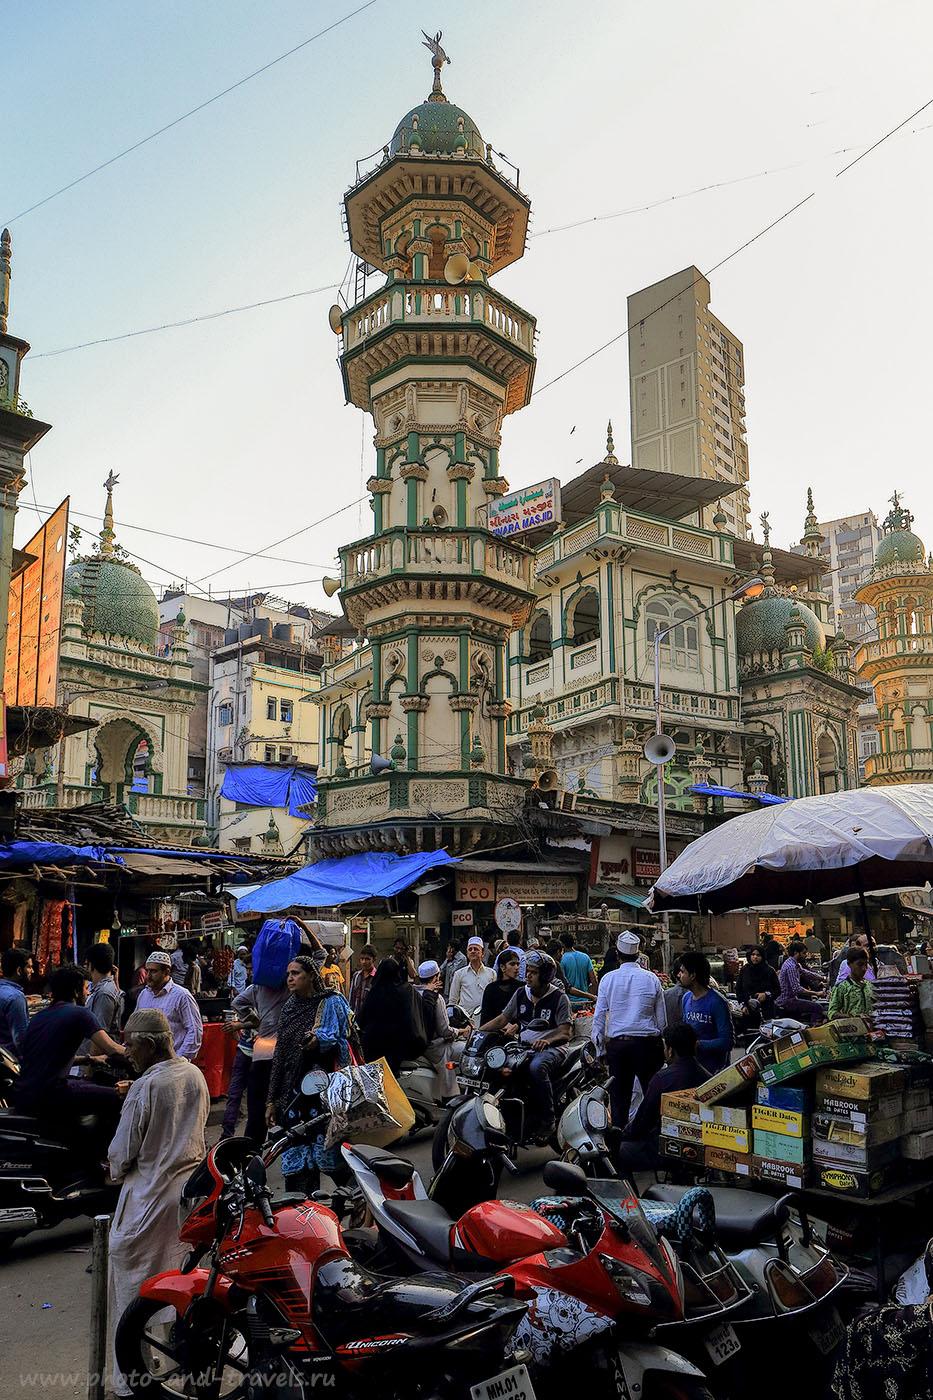 Фото 9. Мечети в Мумбаи. Самостоятельный отдых в Индии. Отзывы туристов из России (24-70, 1/320, -1eV, f8, 24 mm, ISO 640)